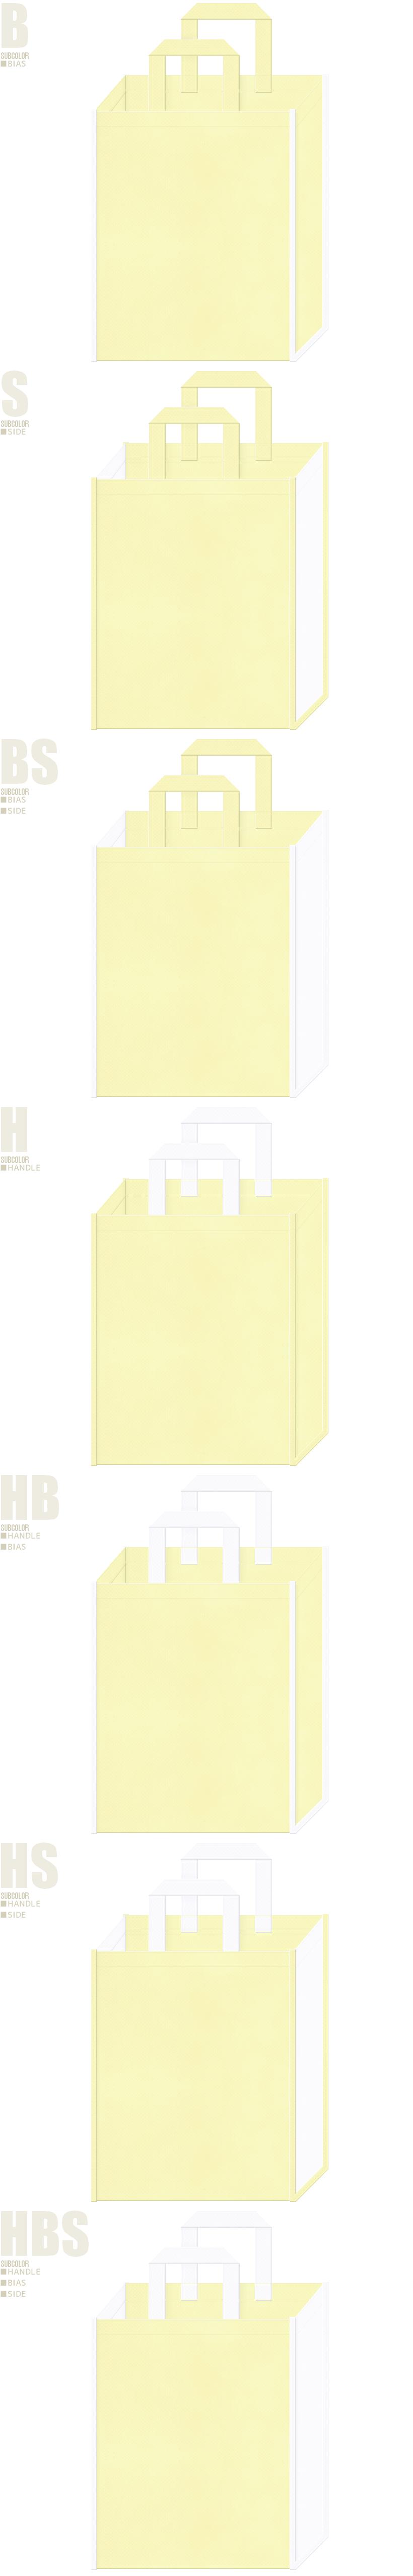 ロールケーキのイメージにお奨めです。薄黄色と白色、7パターンの不織布トートバッグ配色デザイン例。